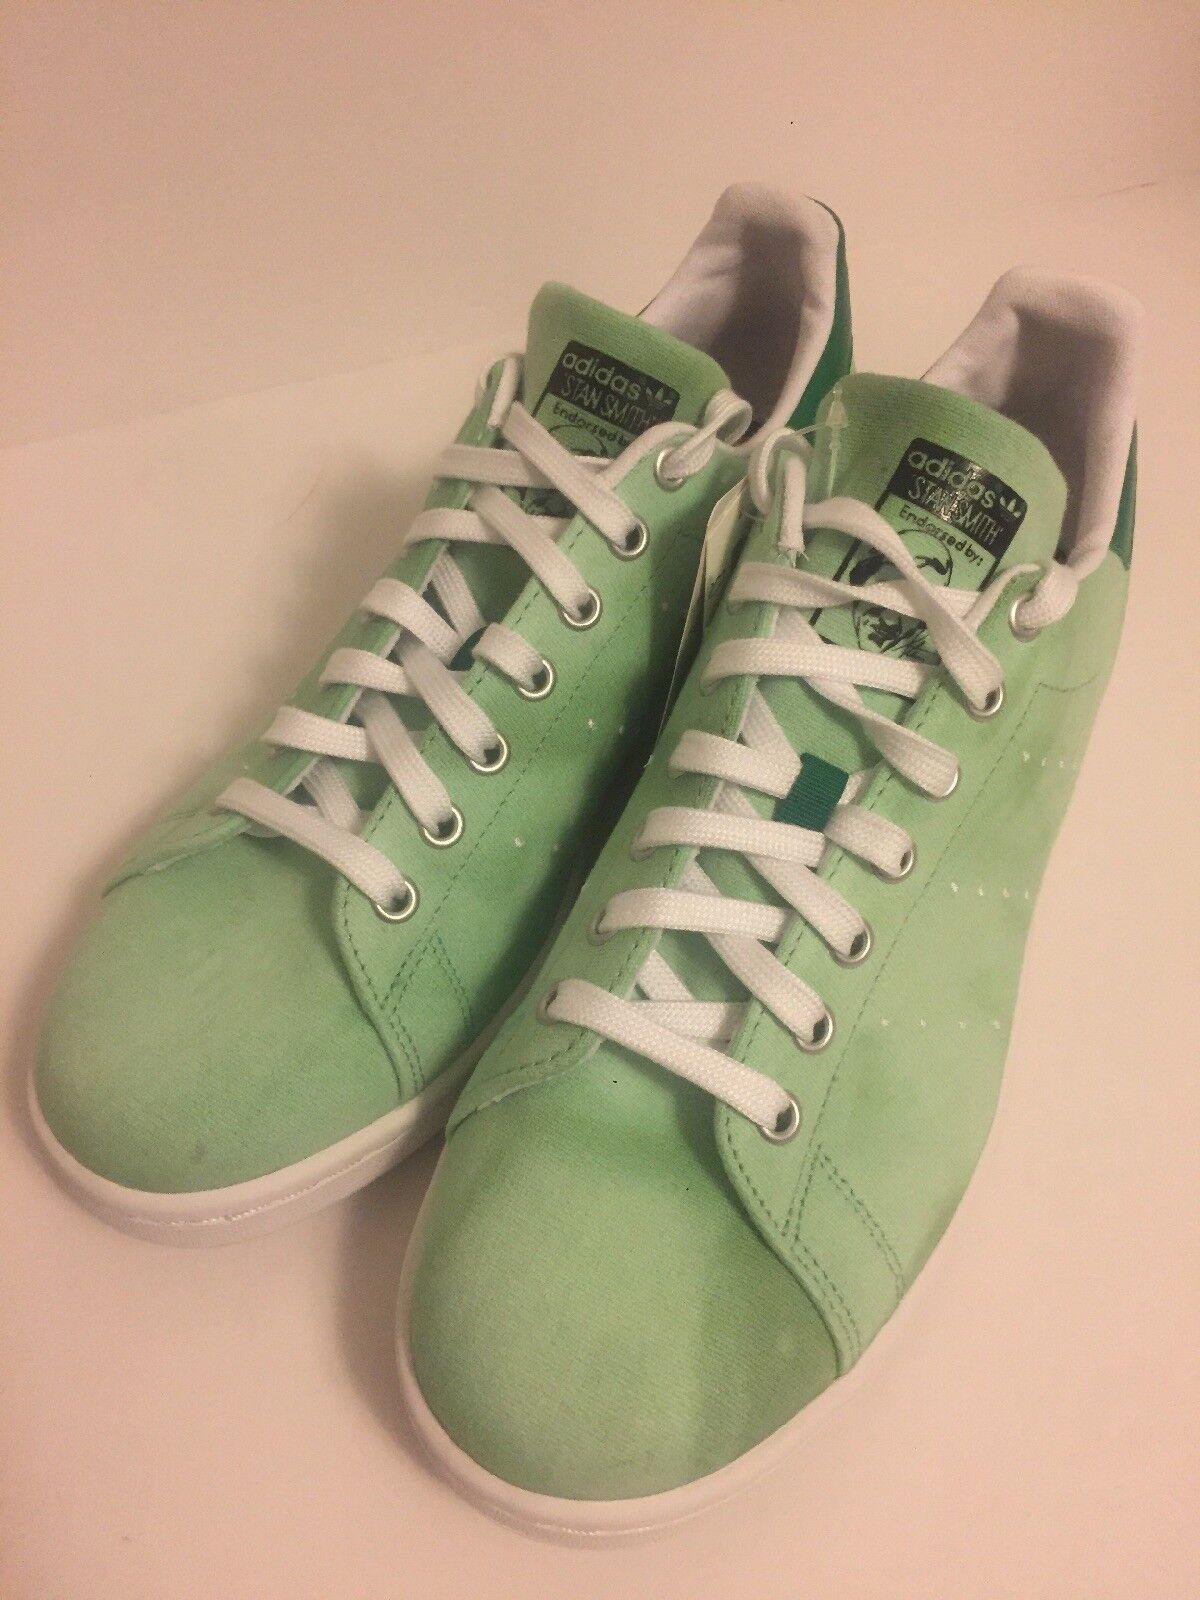 Zapatillas adidas originales pw hu holi stan smith para hombre (AC7043) Sz 10